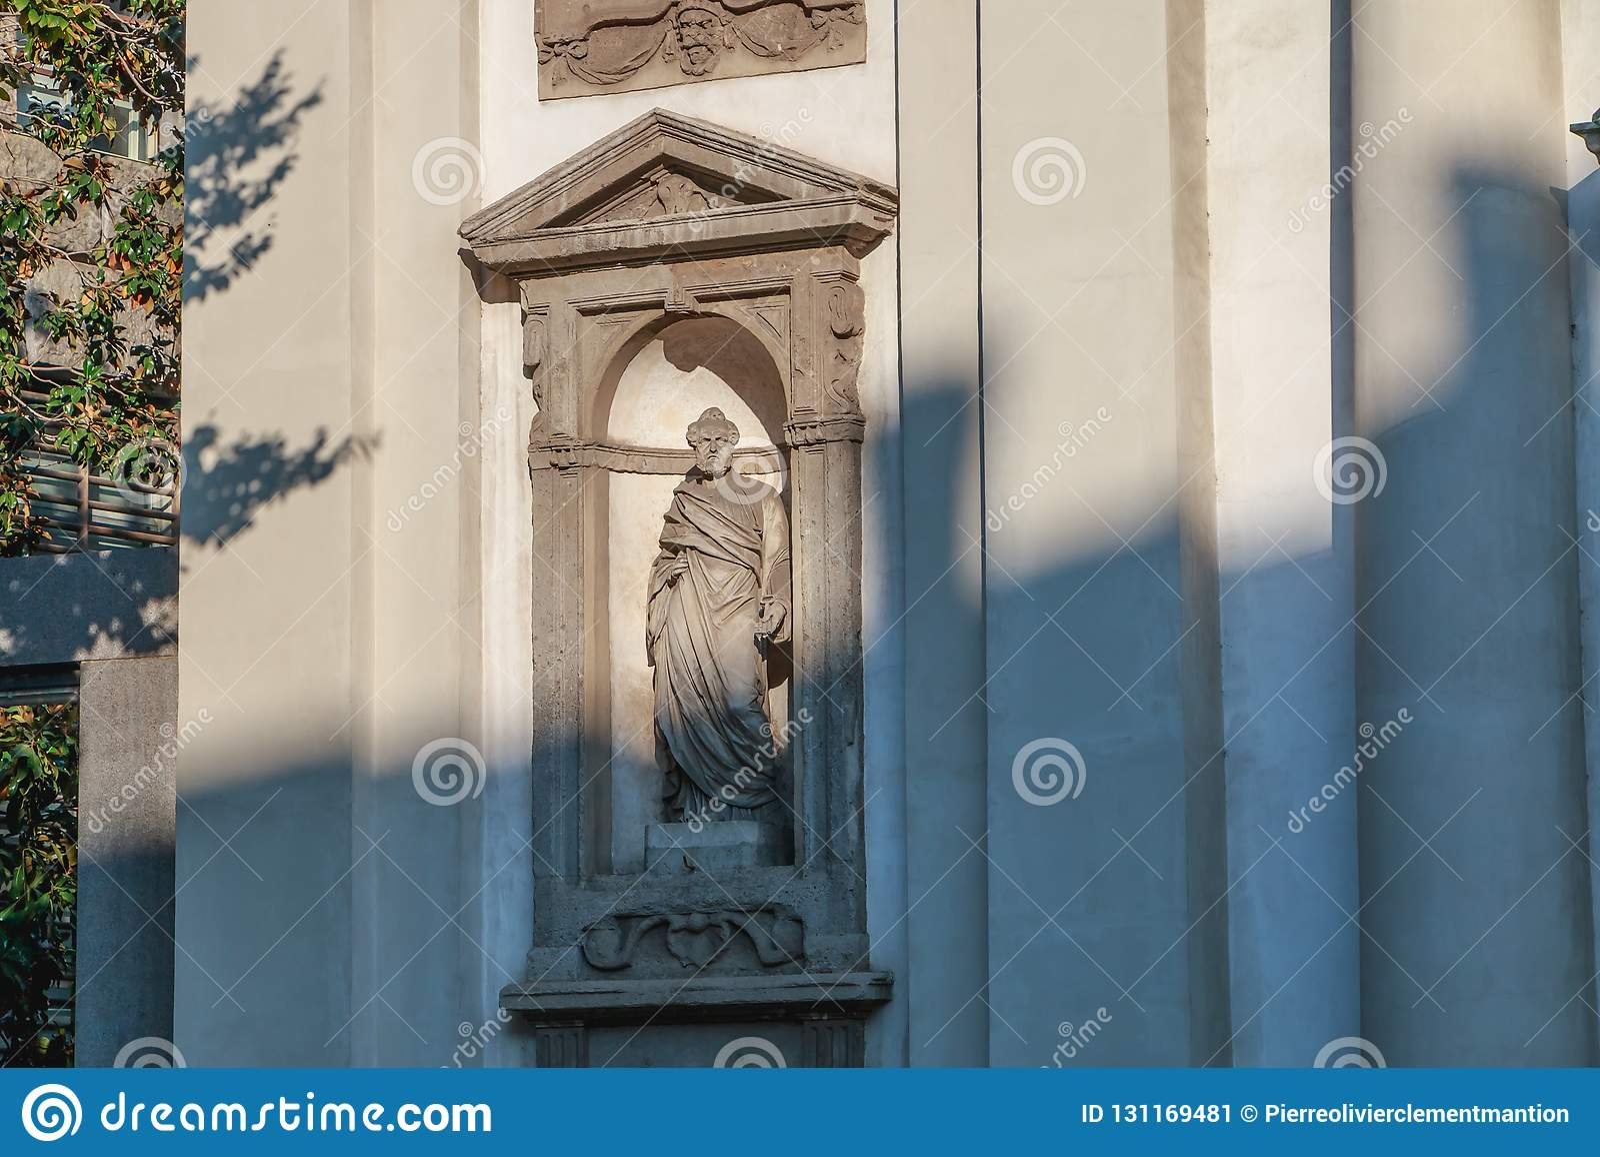 天主教巴洛克式的圣若瑟堂的建筑细节